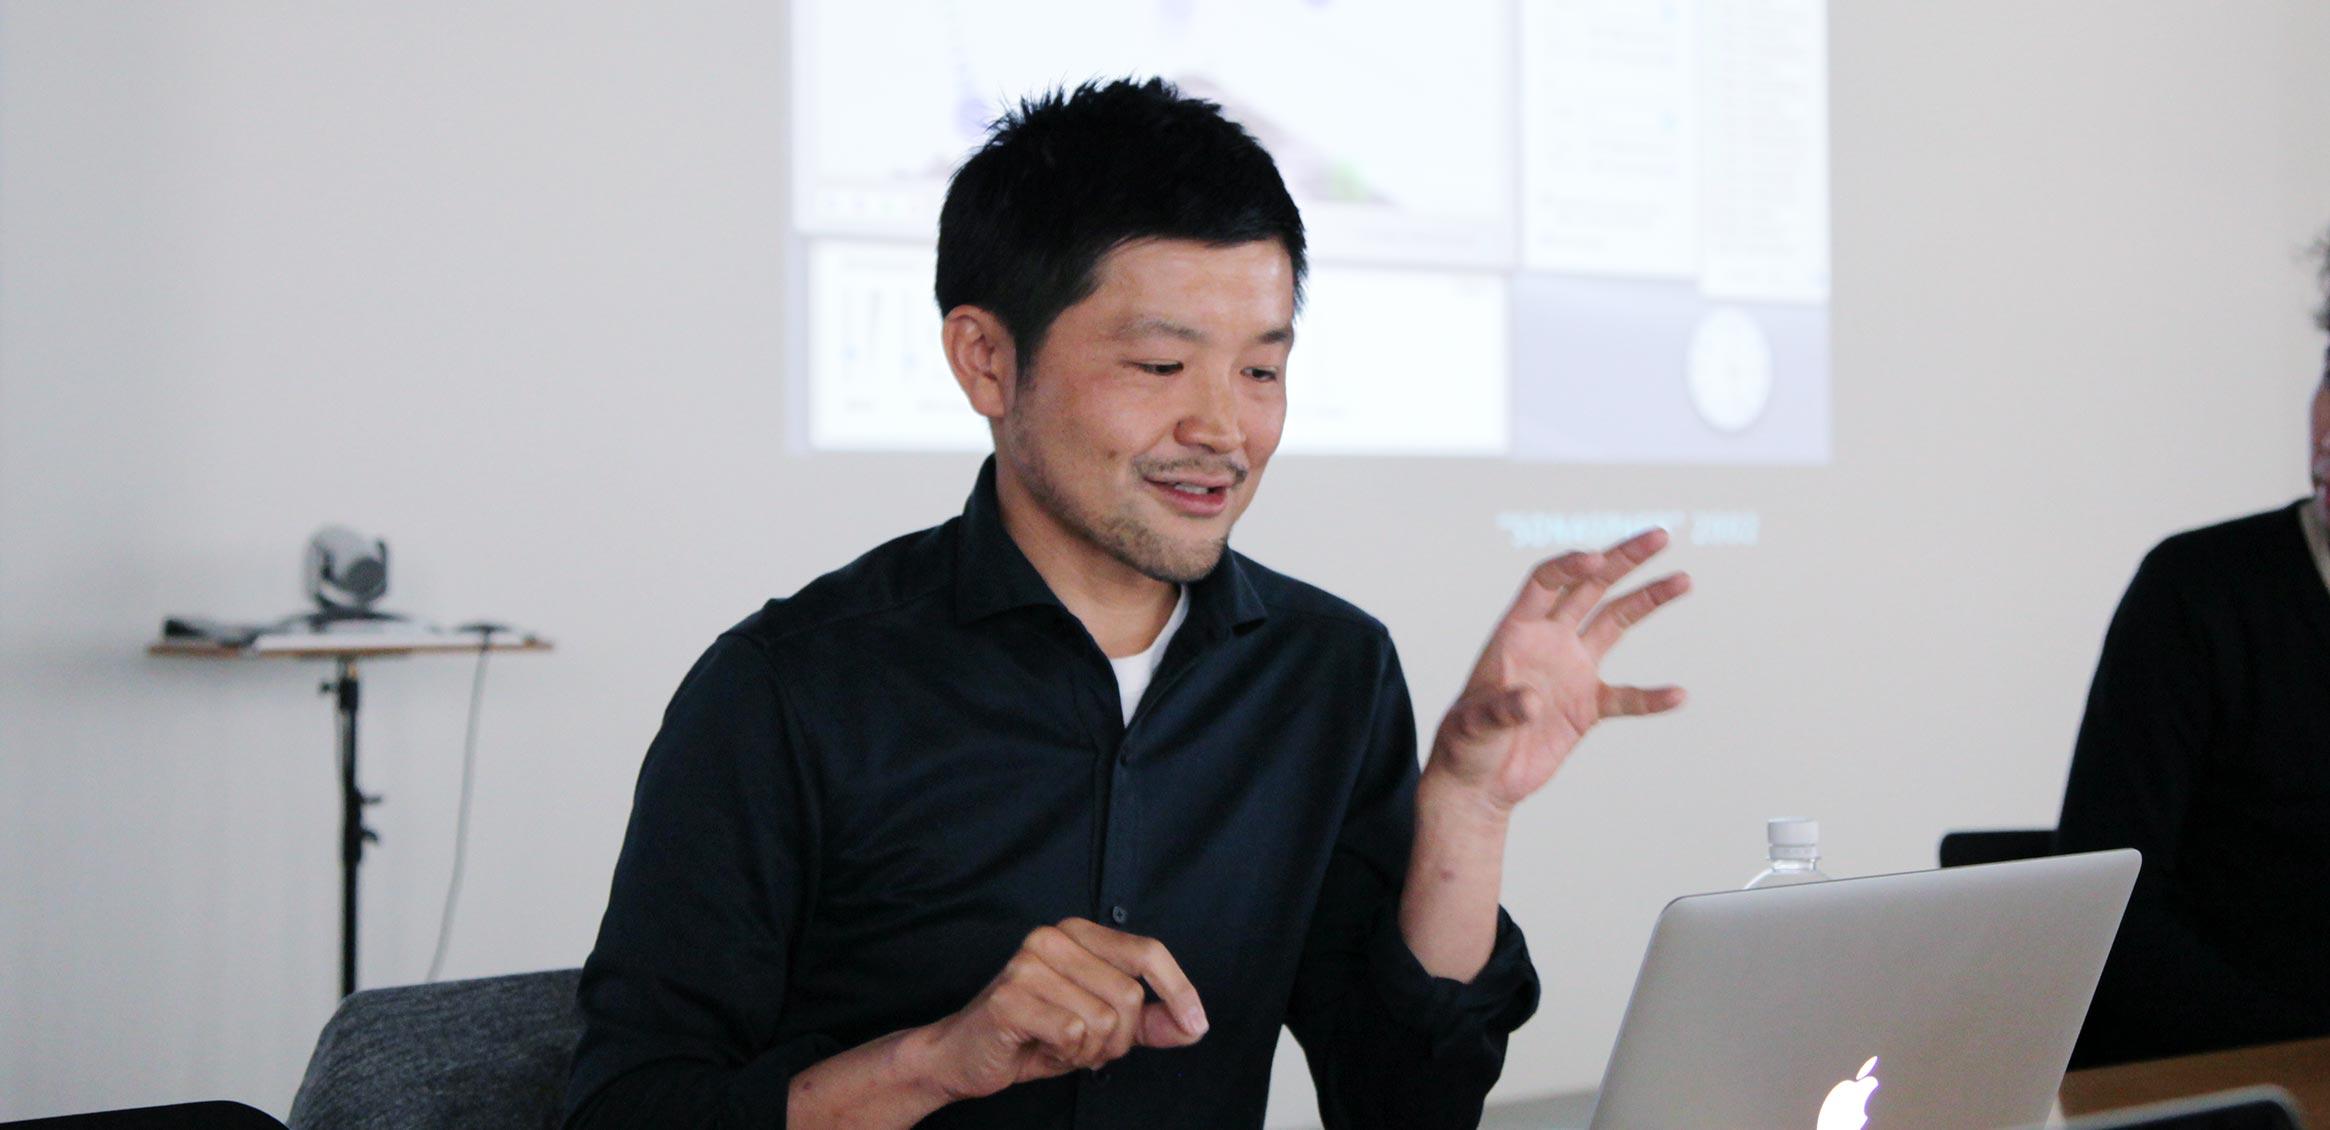 徳井 直生 株式会社Qosmo 代表取締役